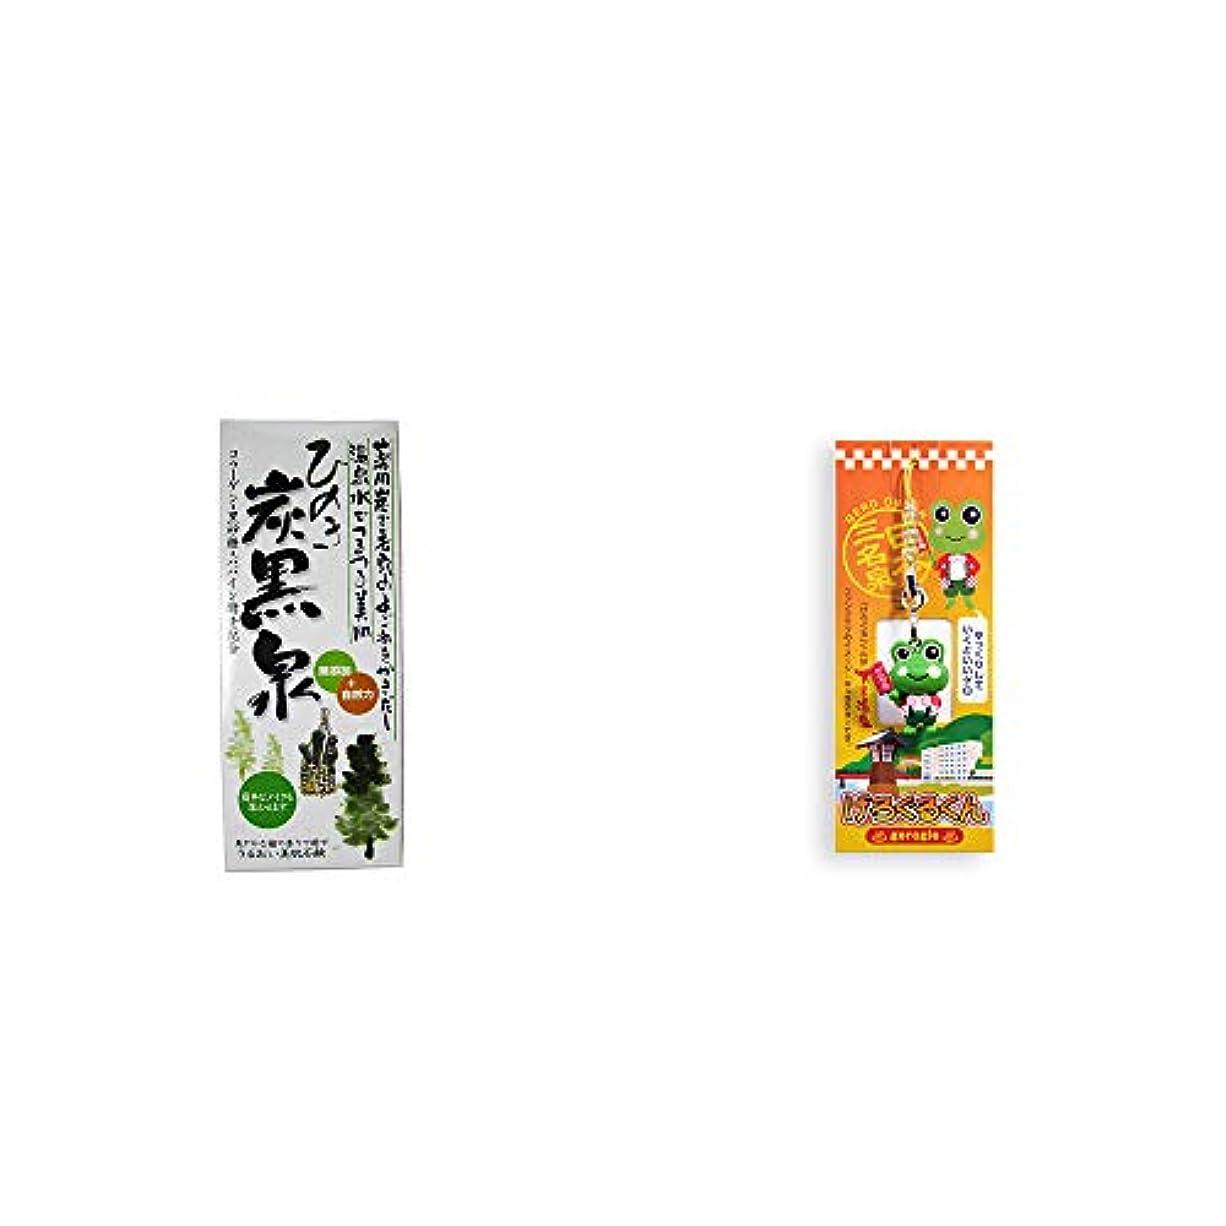 第九表面アンテナ[2点セット] ひのき炭黒泉 箱入り(75g×3)?下呂温泉ファンクラブのイメージキャラクター げろぐるくんストラップ